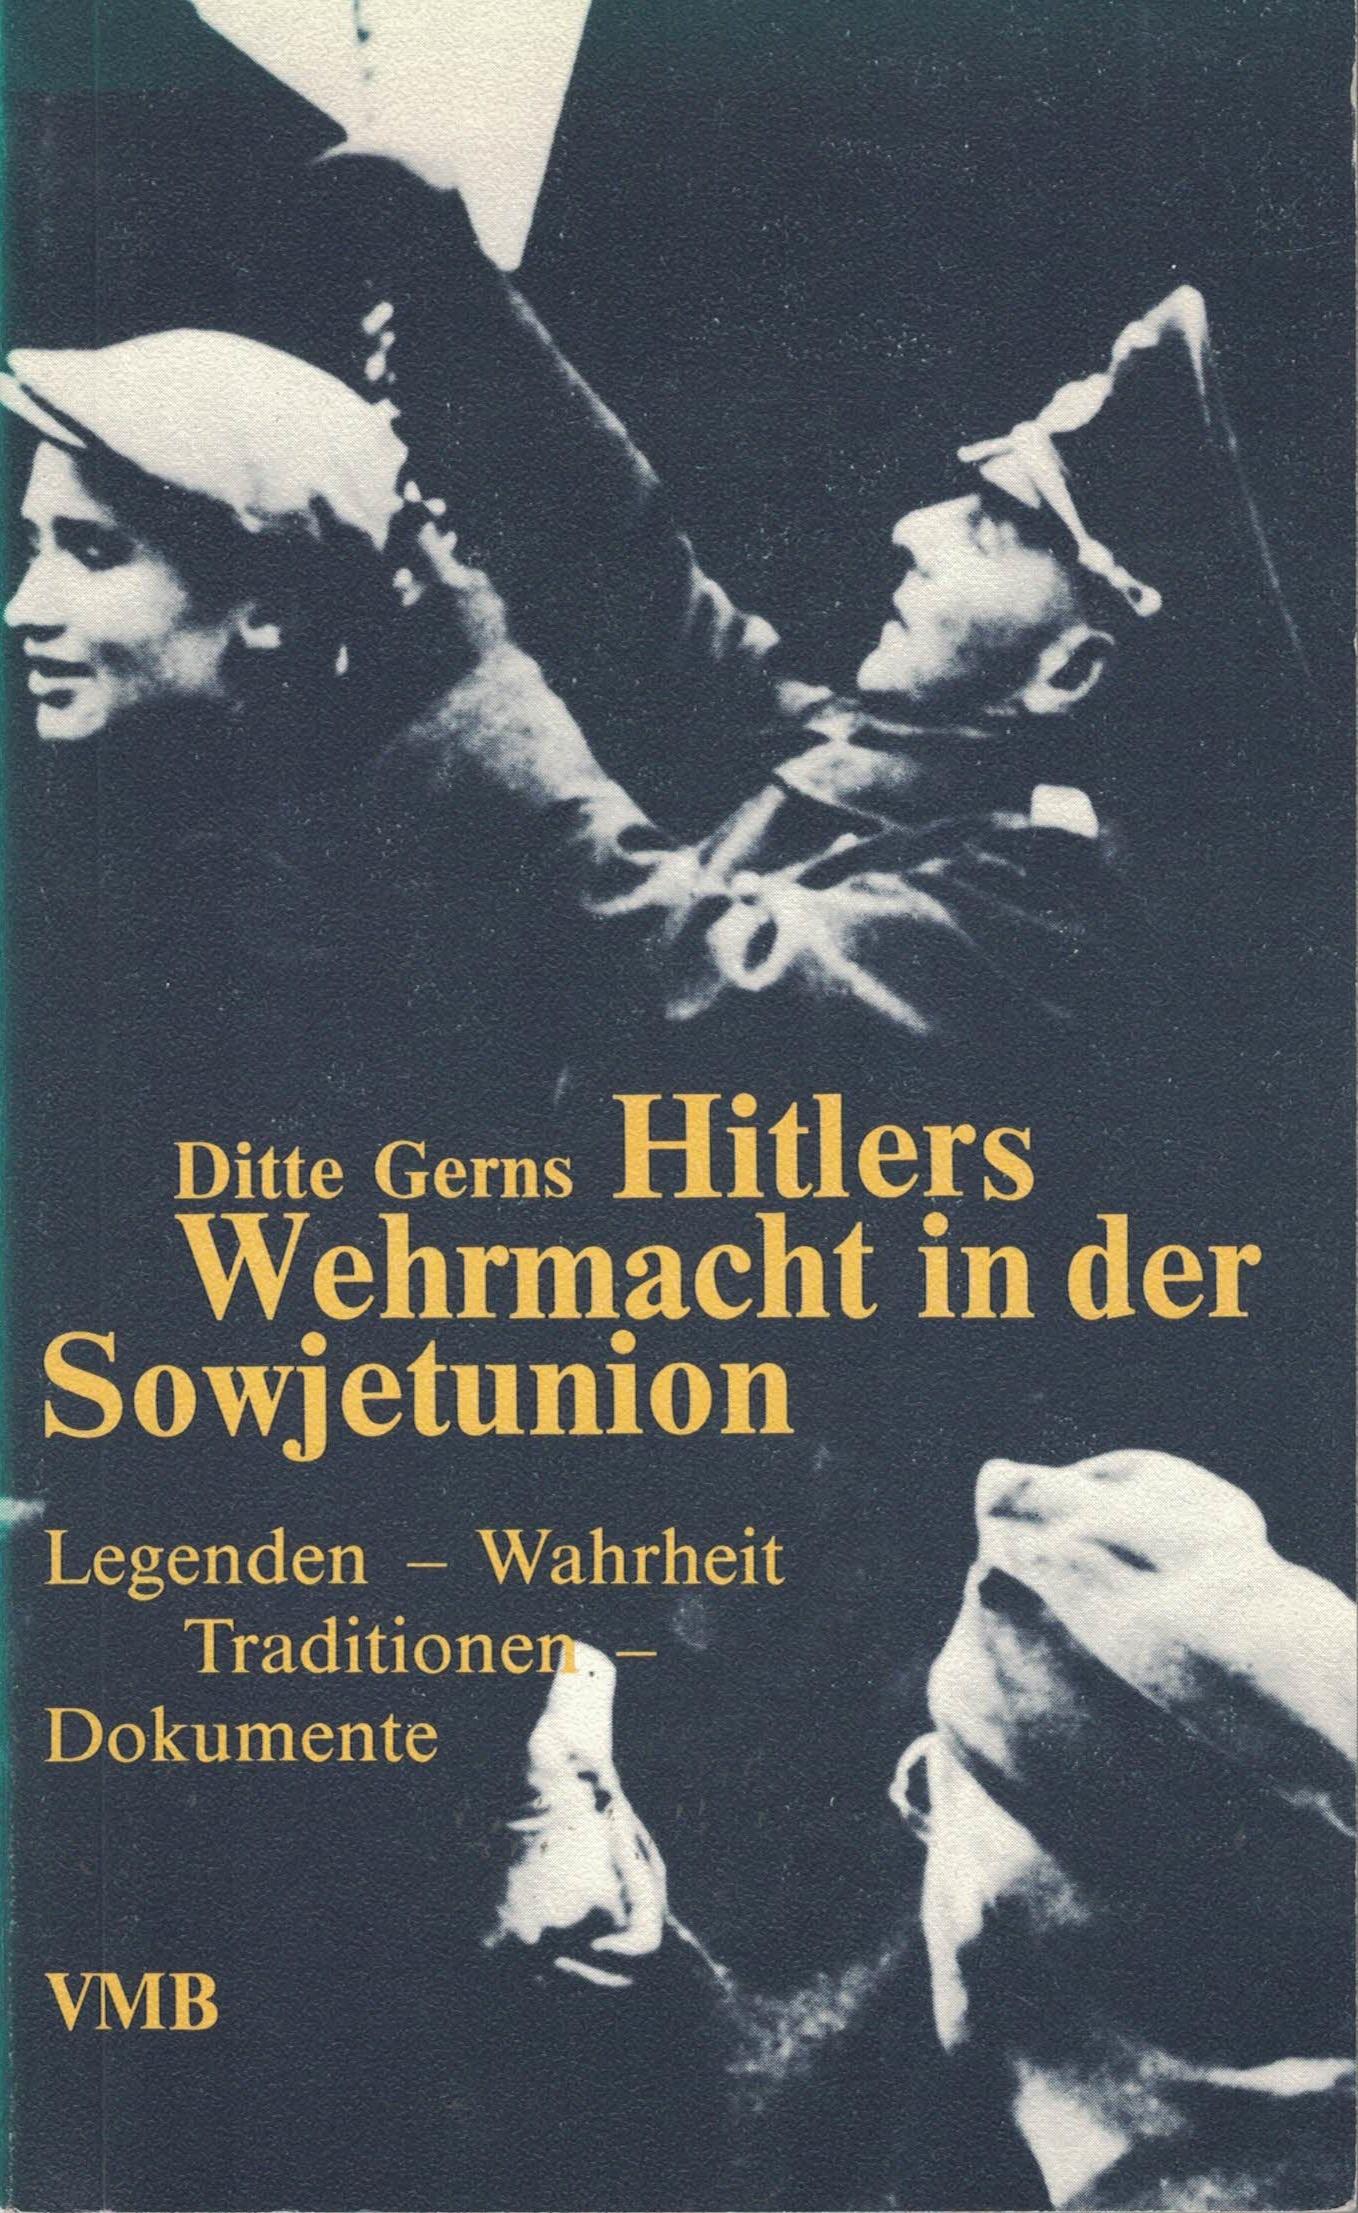 Ditte Gerns - Hitlers Wehrmacht in der Sowjetunion - Legenden, Wahrheiten, Traditionen, Dokumente